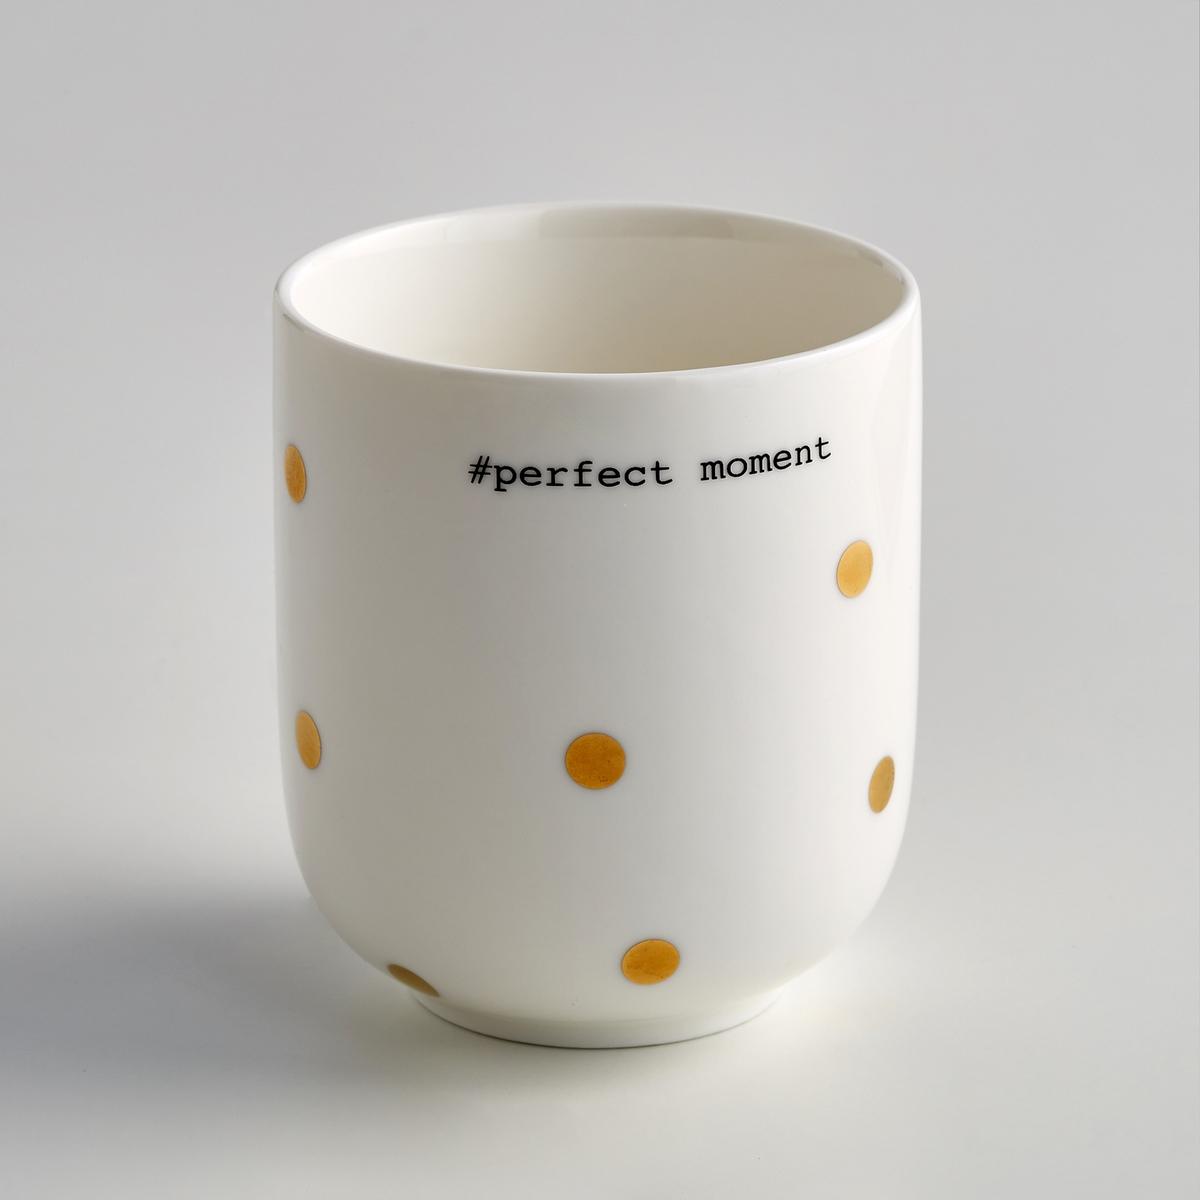 4 чашки для травяного чая из фарфора, Kubler от La Redoute